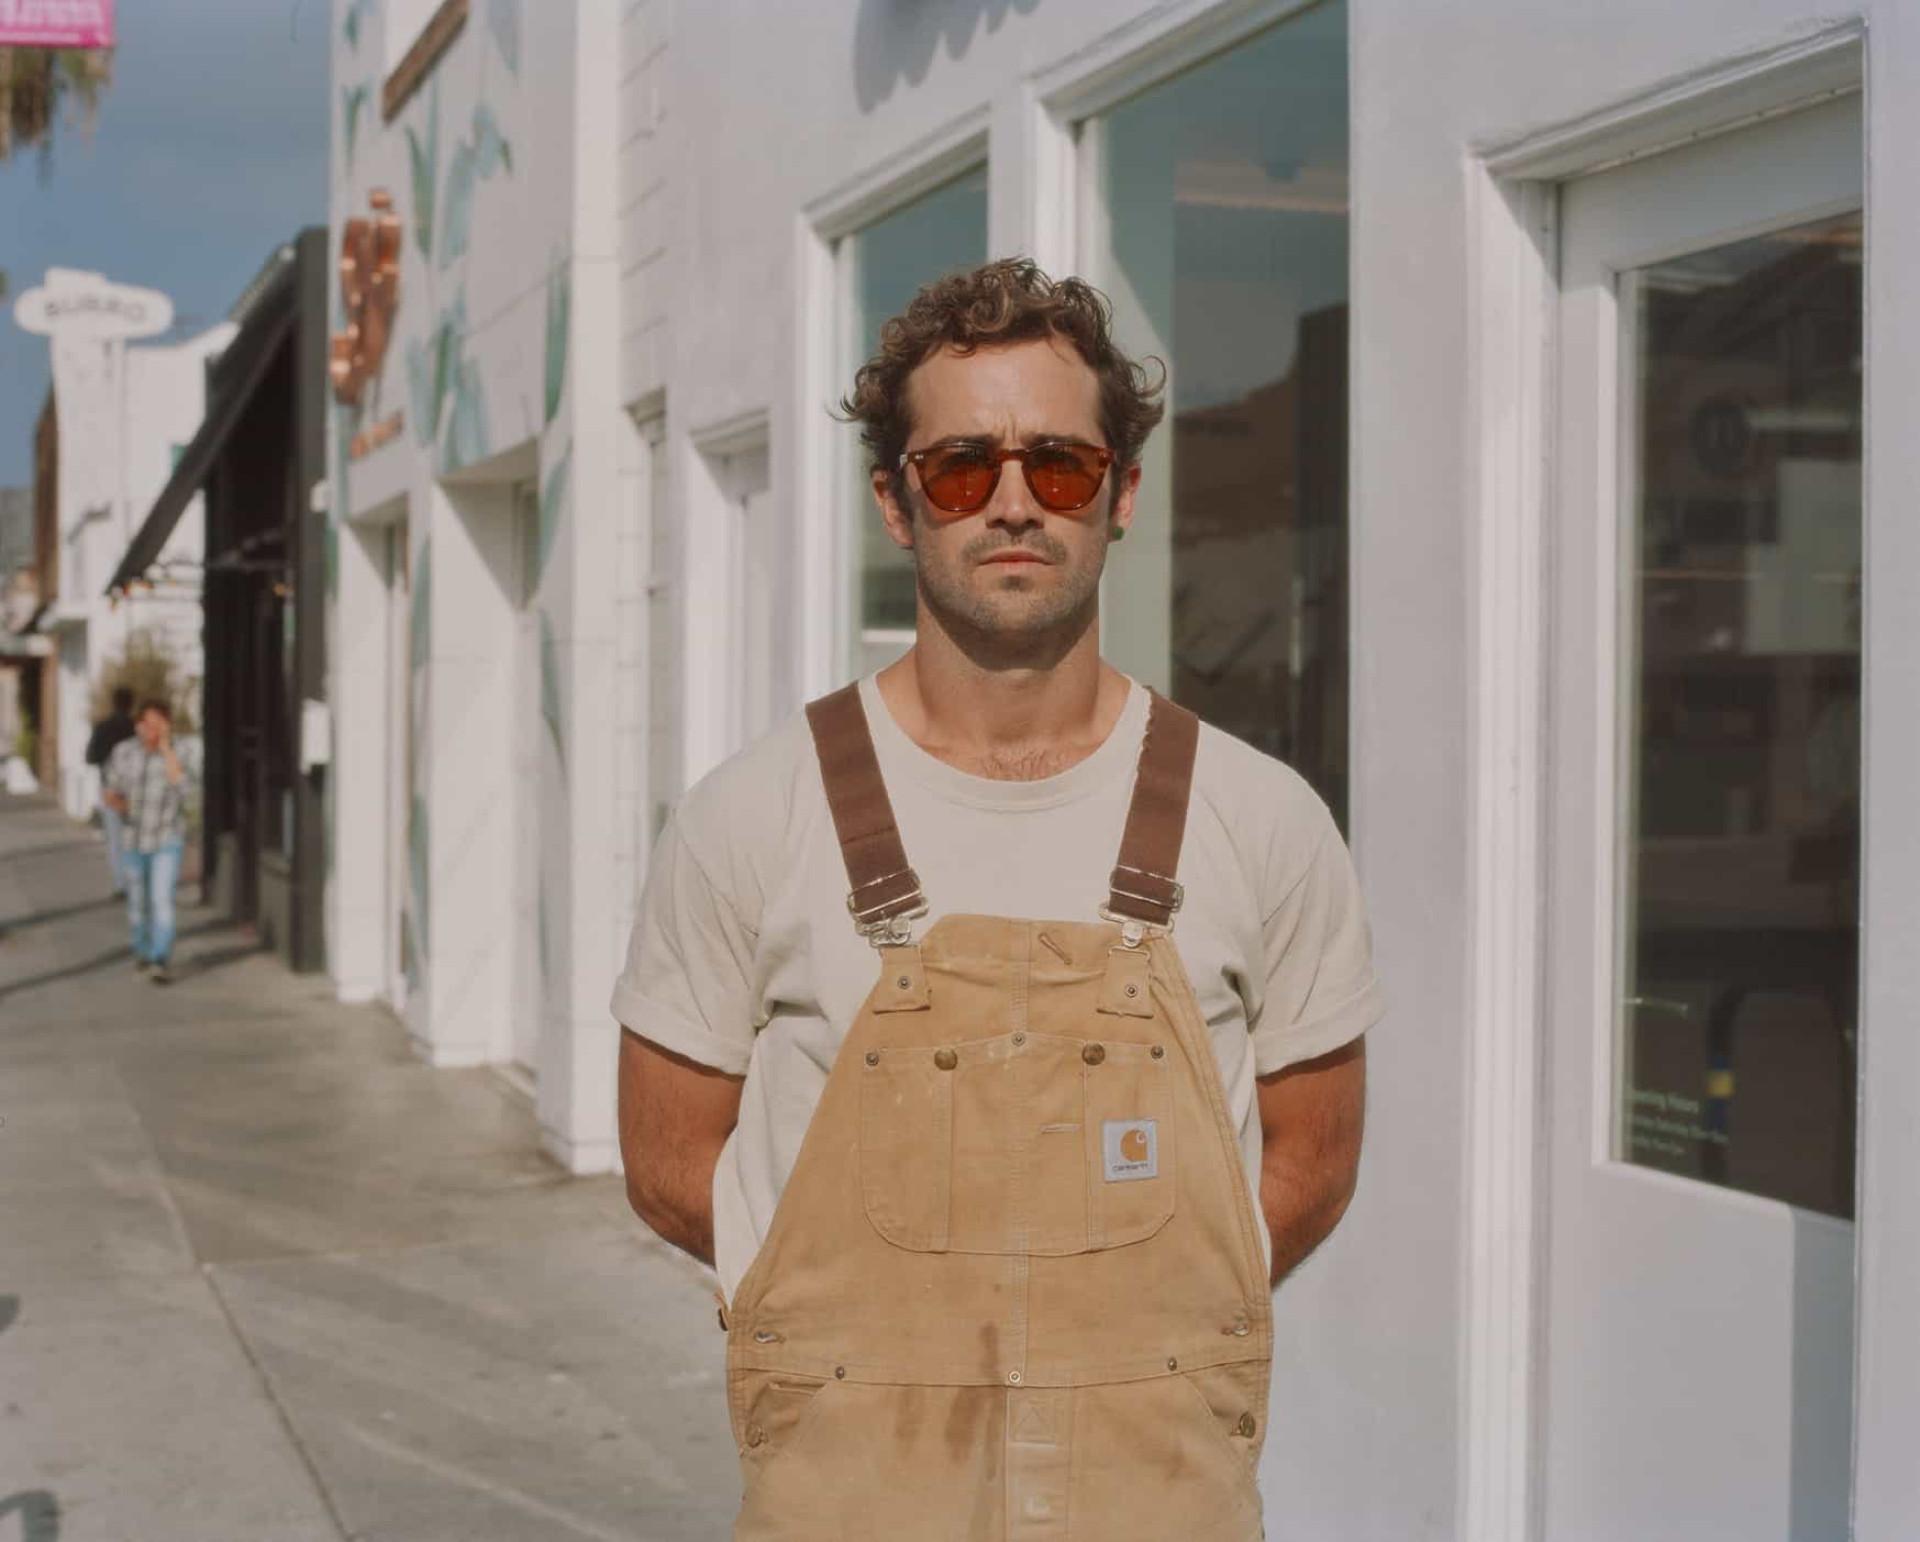 Nova coleção de óculos de Garrett Leight chega à André Opticas